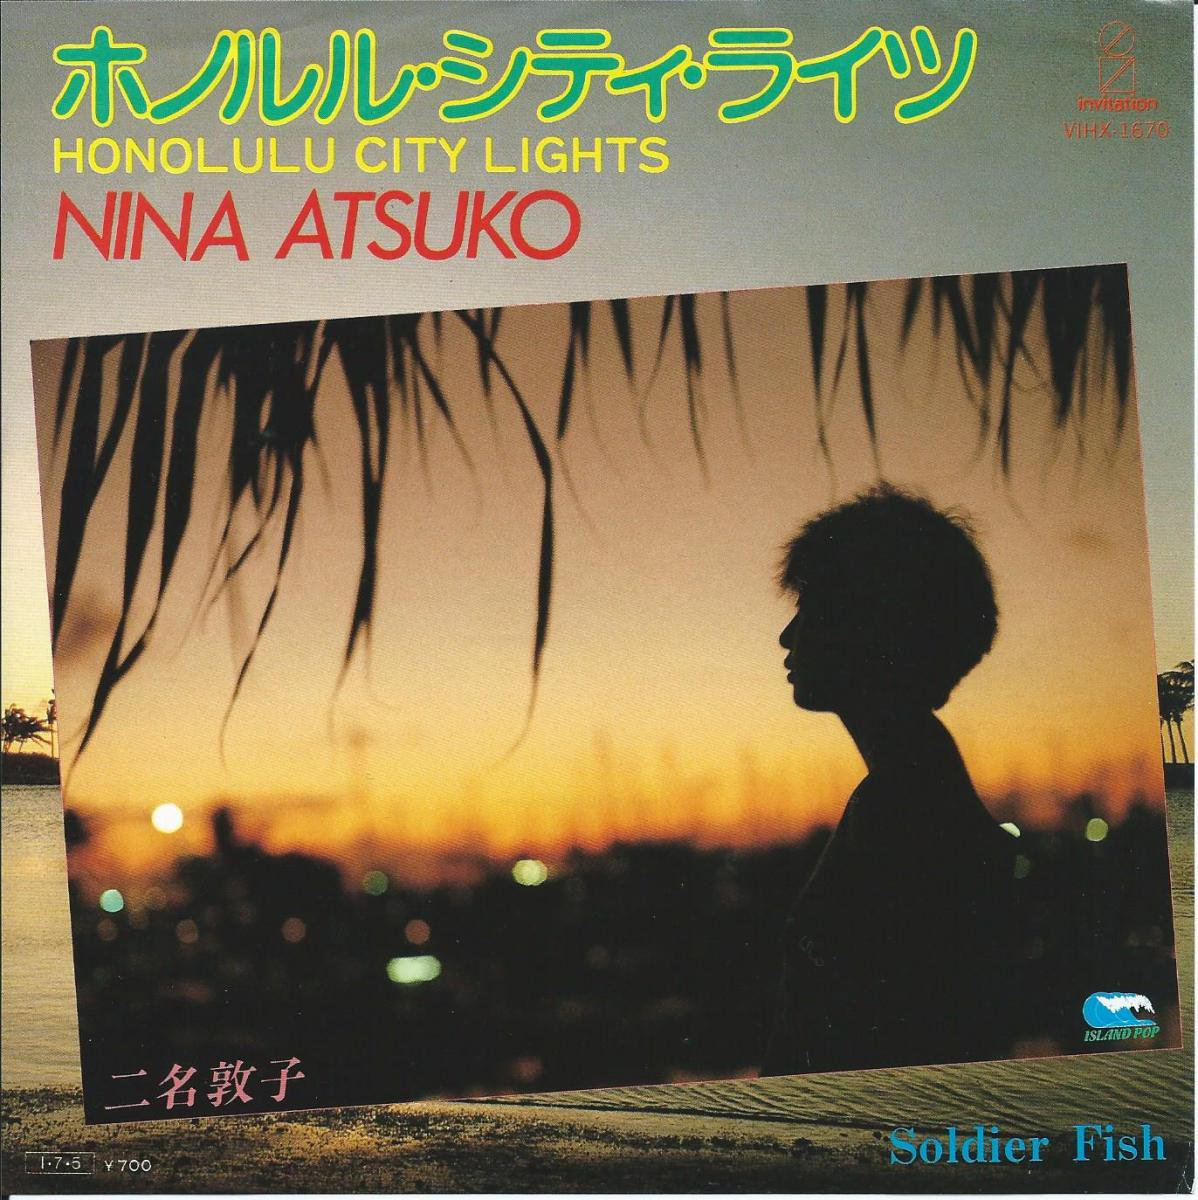 二名敦子 ATSUKO NINA / ホノルル・シティ・ライツ HONOLULU CITY LIGHTS (7